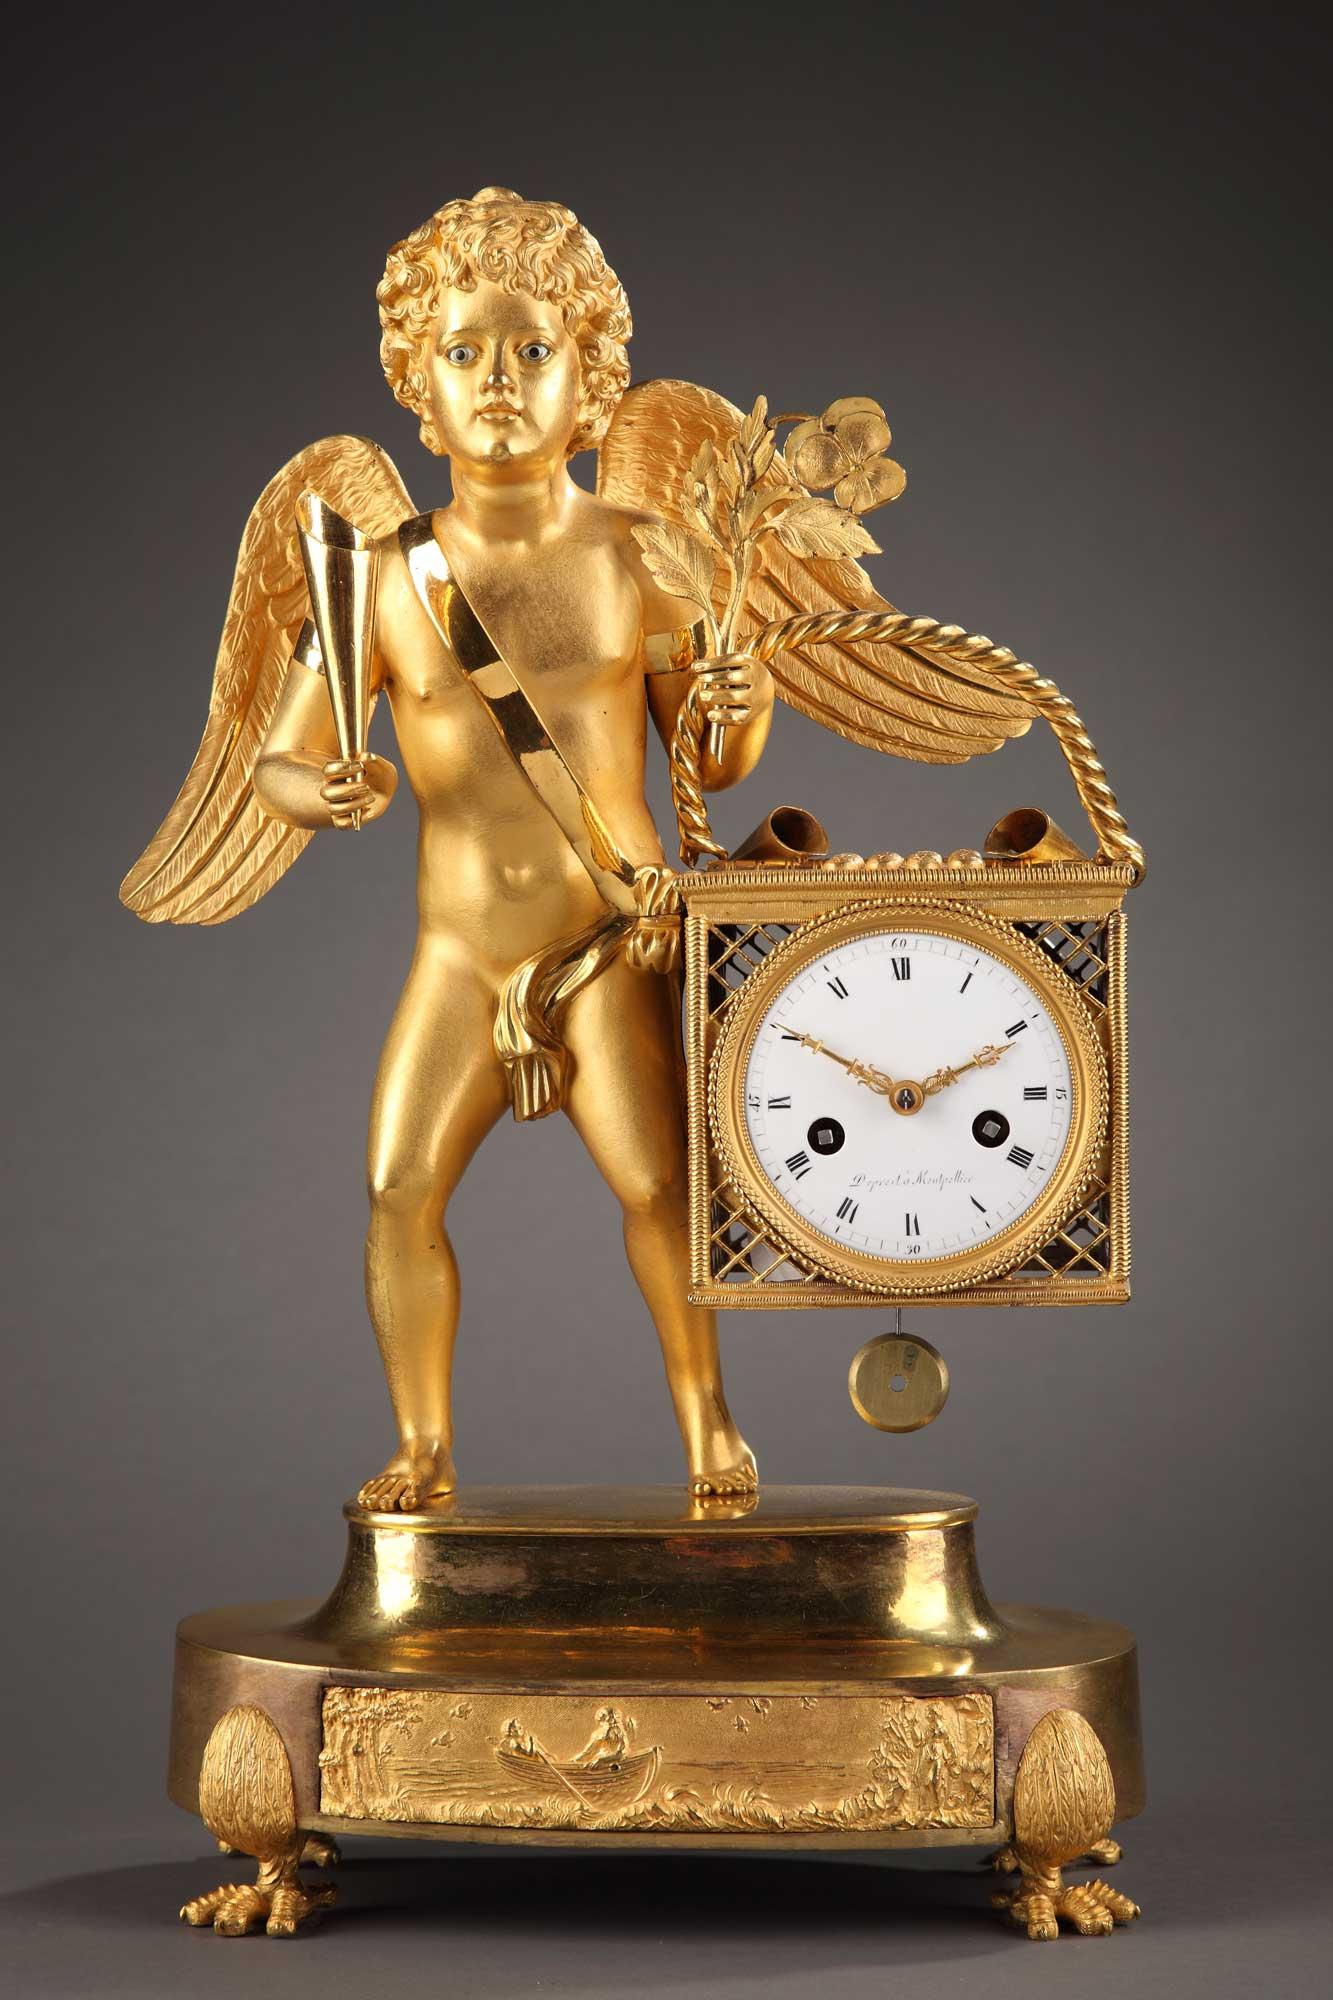 Pendule en bronze doré et ciselé, d'époque Empire. Elle est inspirée des petits métiers de Paris.